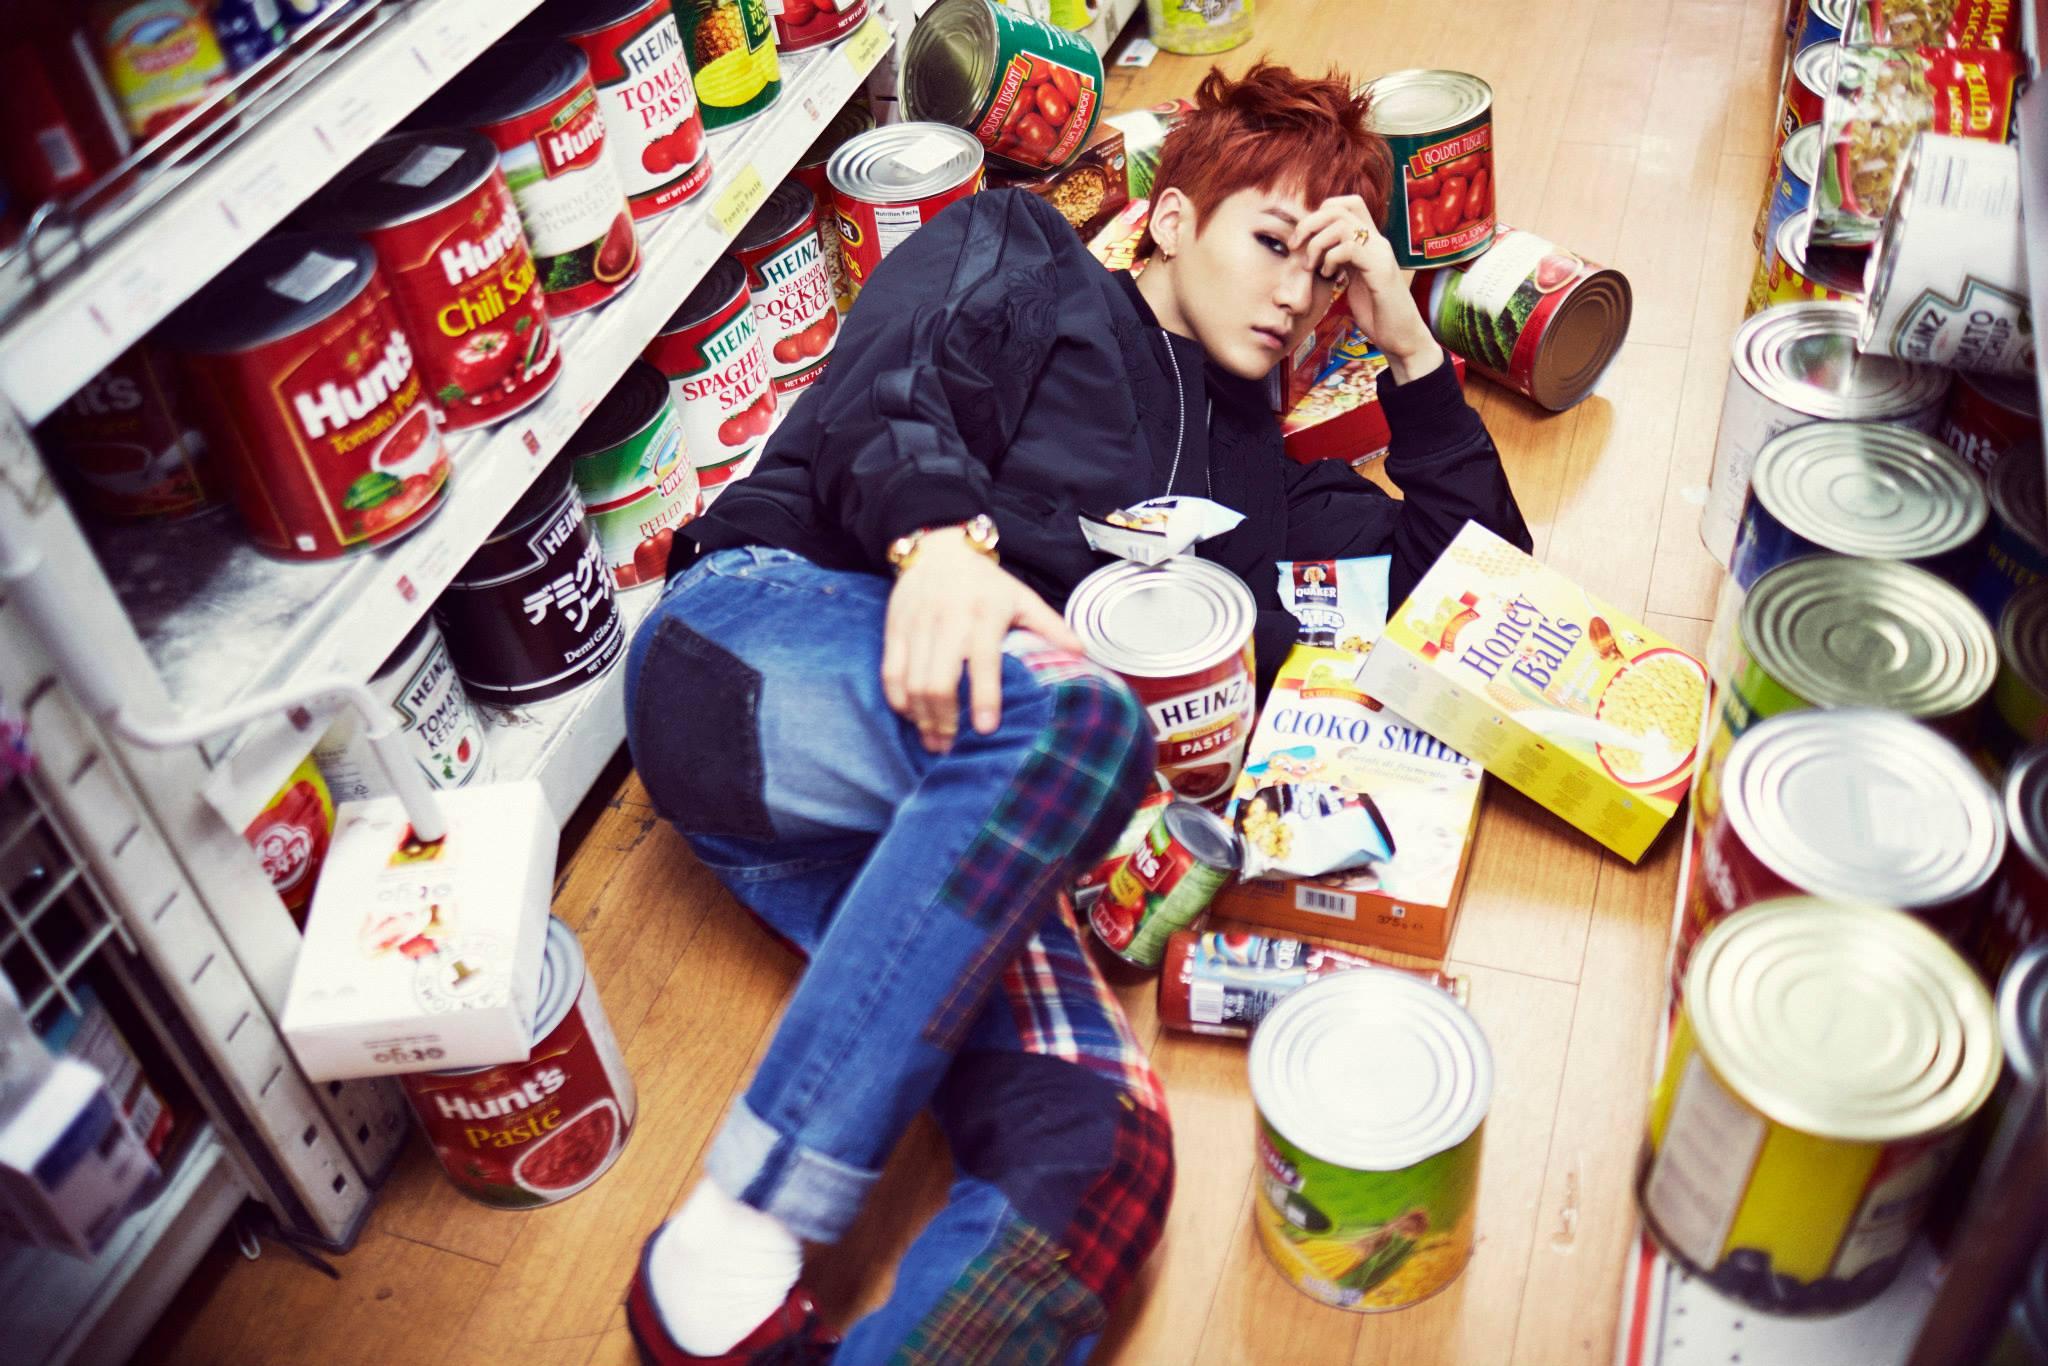 Suga Wallpaper Asiachan Kpop Jpop Image Board